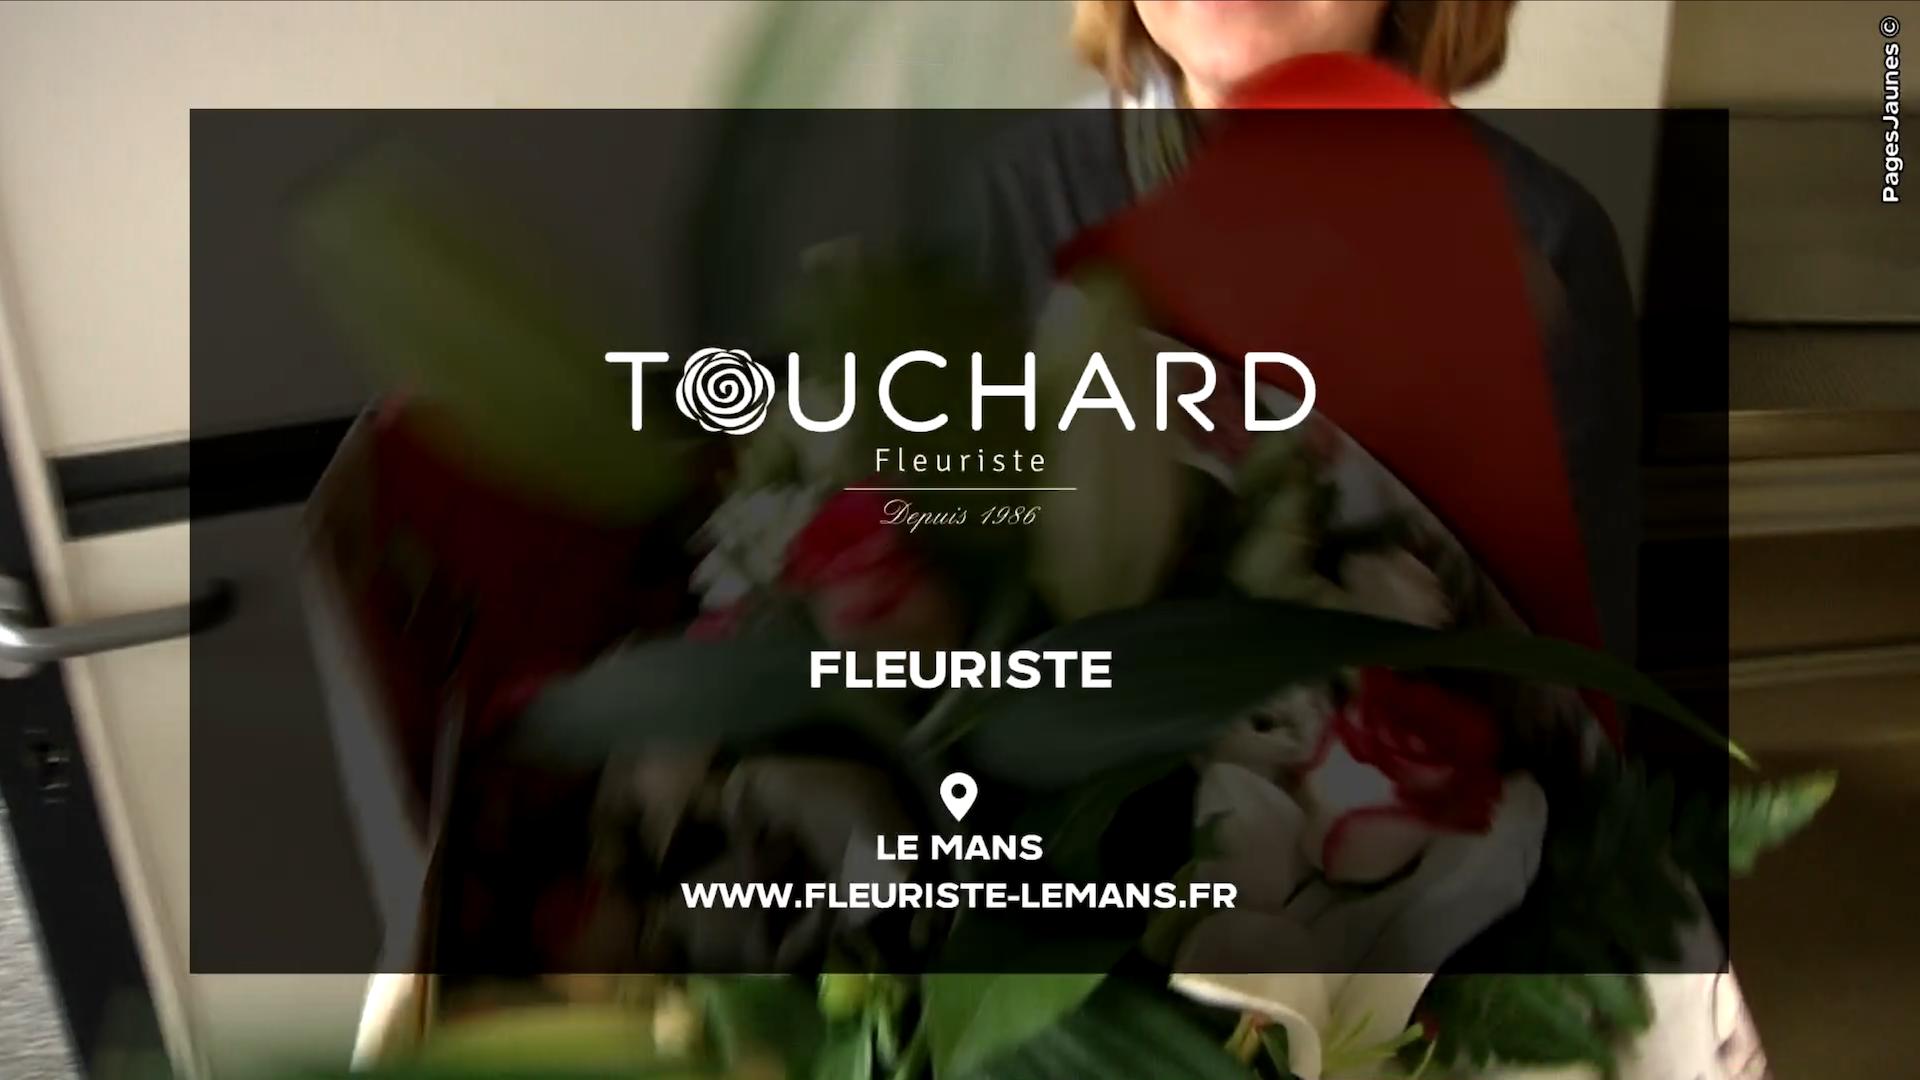 Pompes Funèbres Touchard - LE MANS